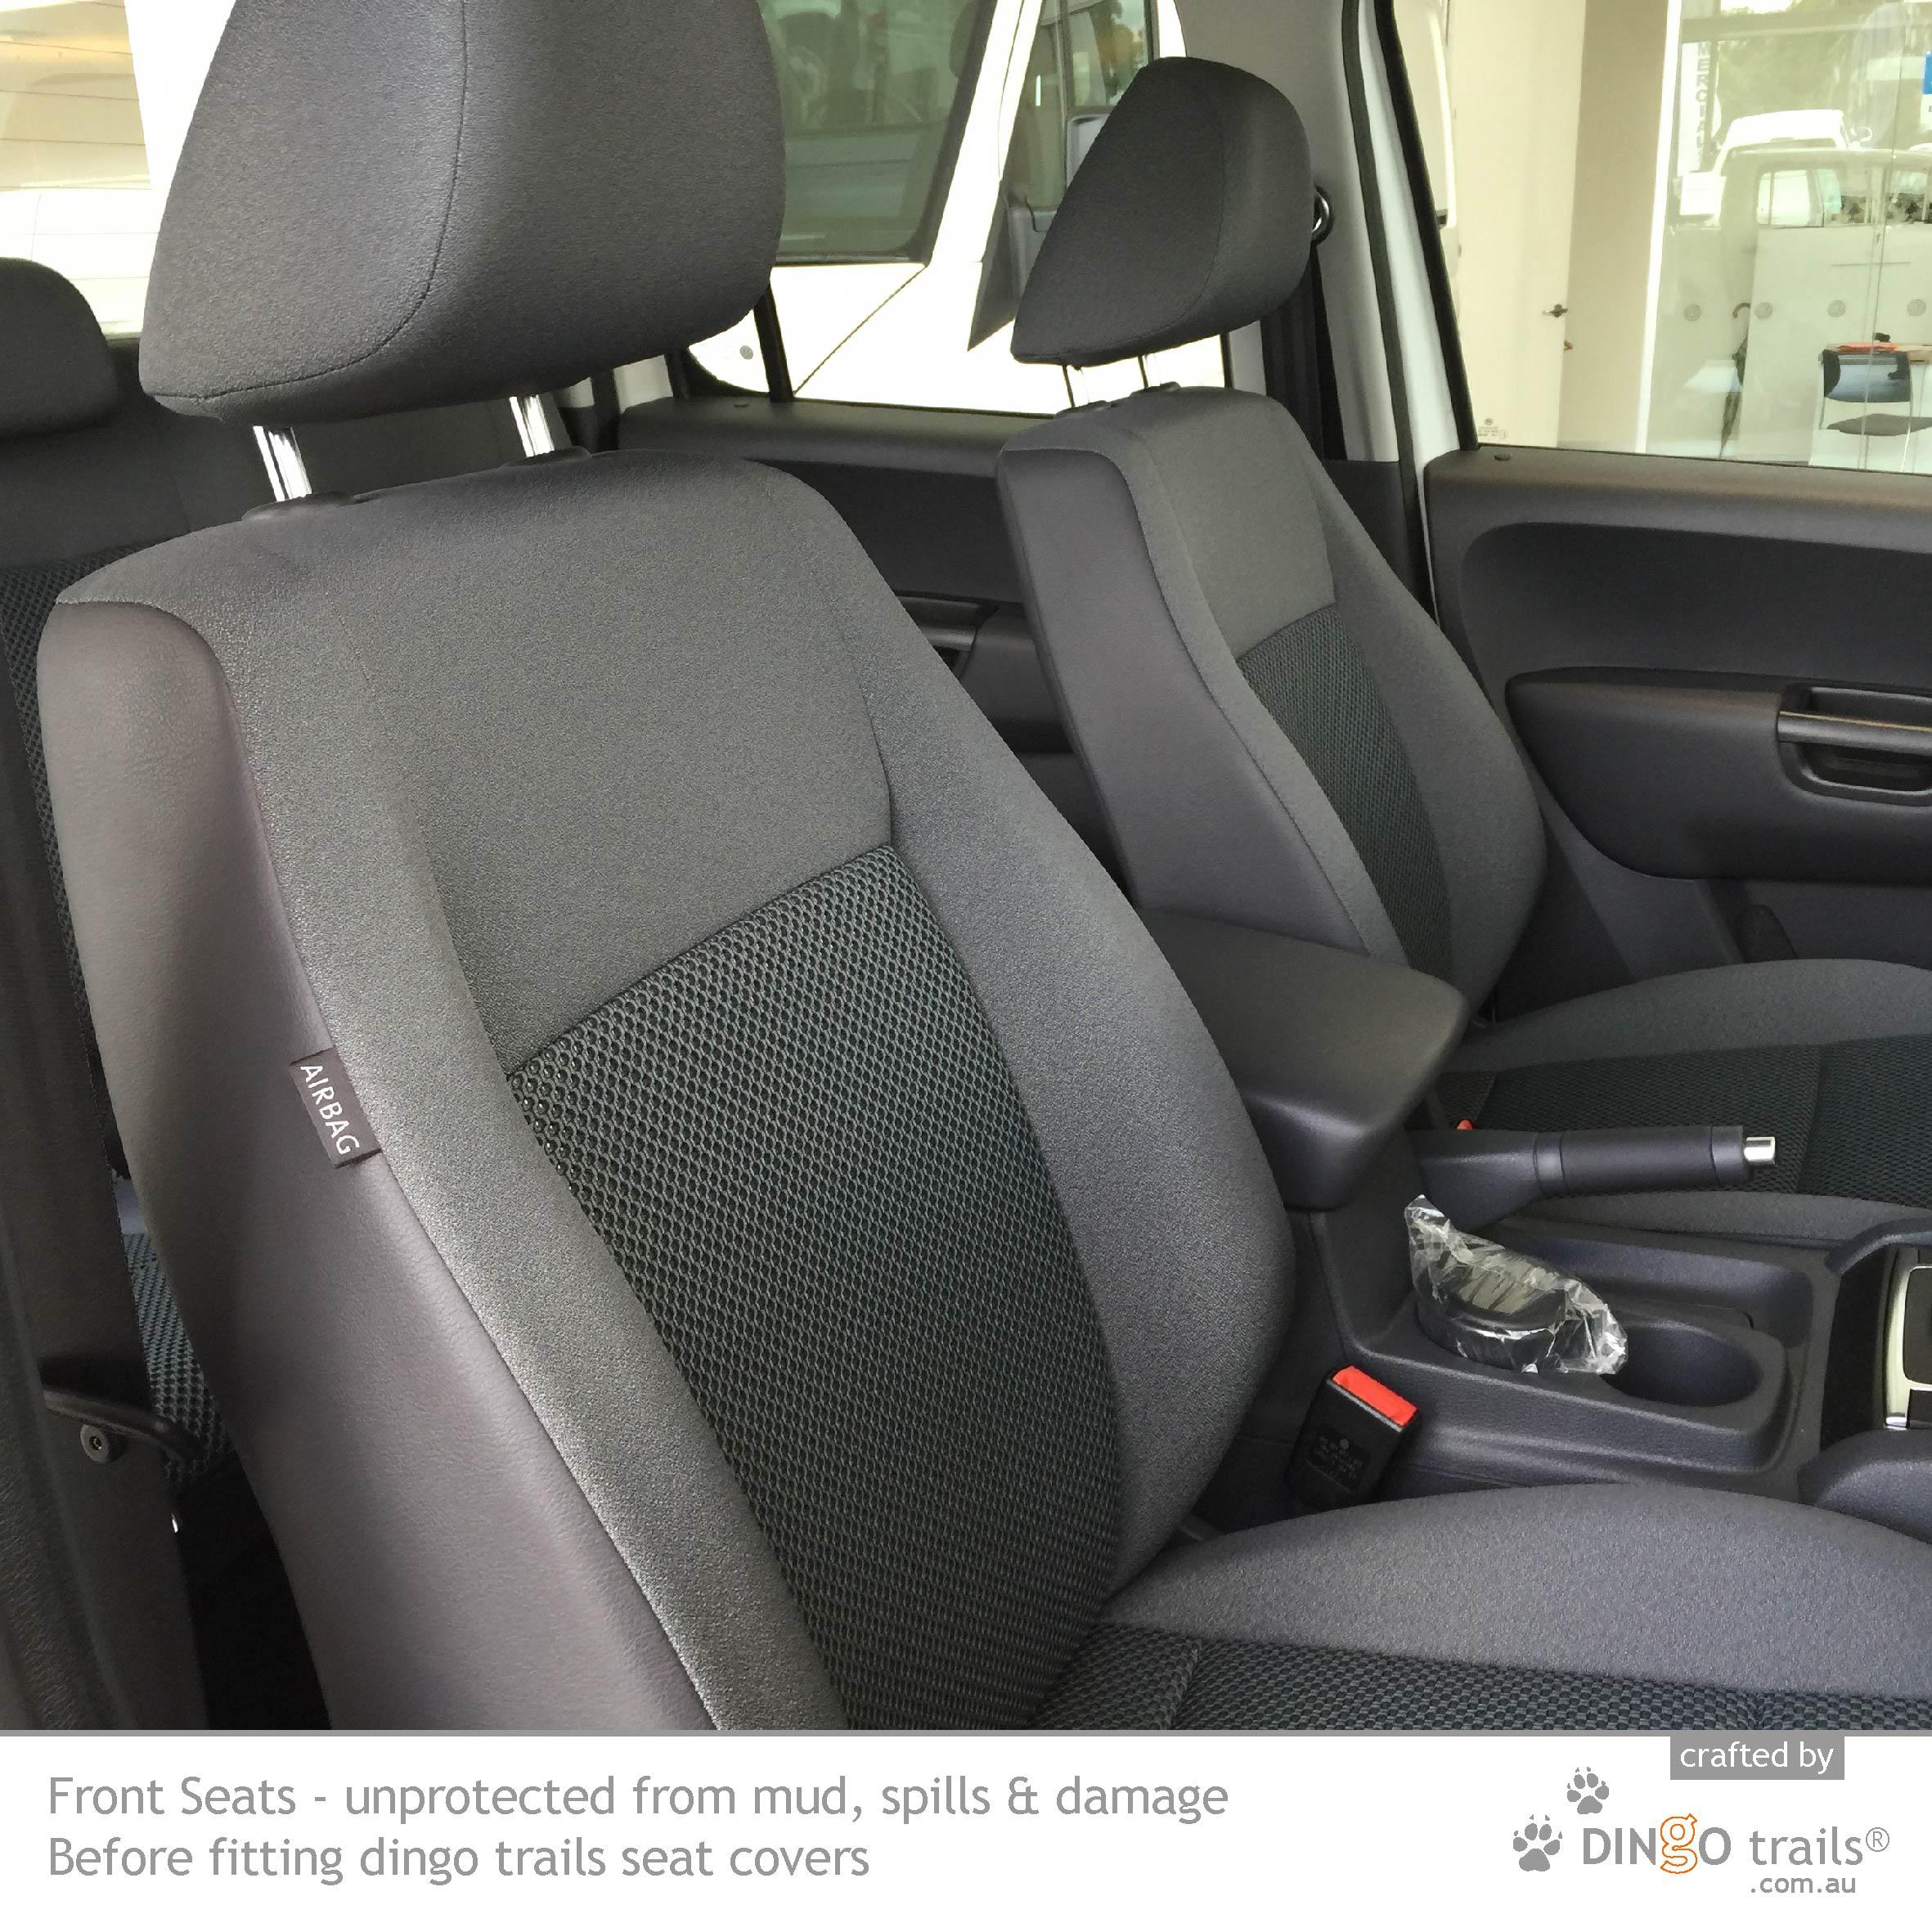 Seat Covers Snug Fit Volkswagen Amarok FRONT Premium Neoprene Waterproof